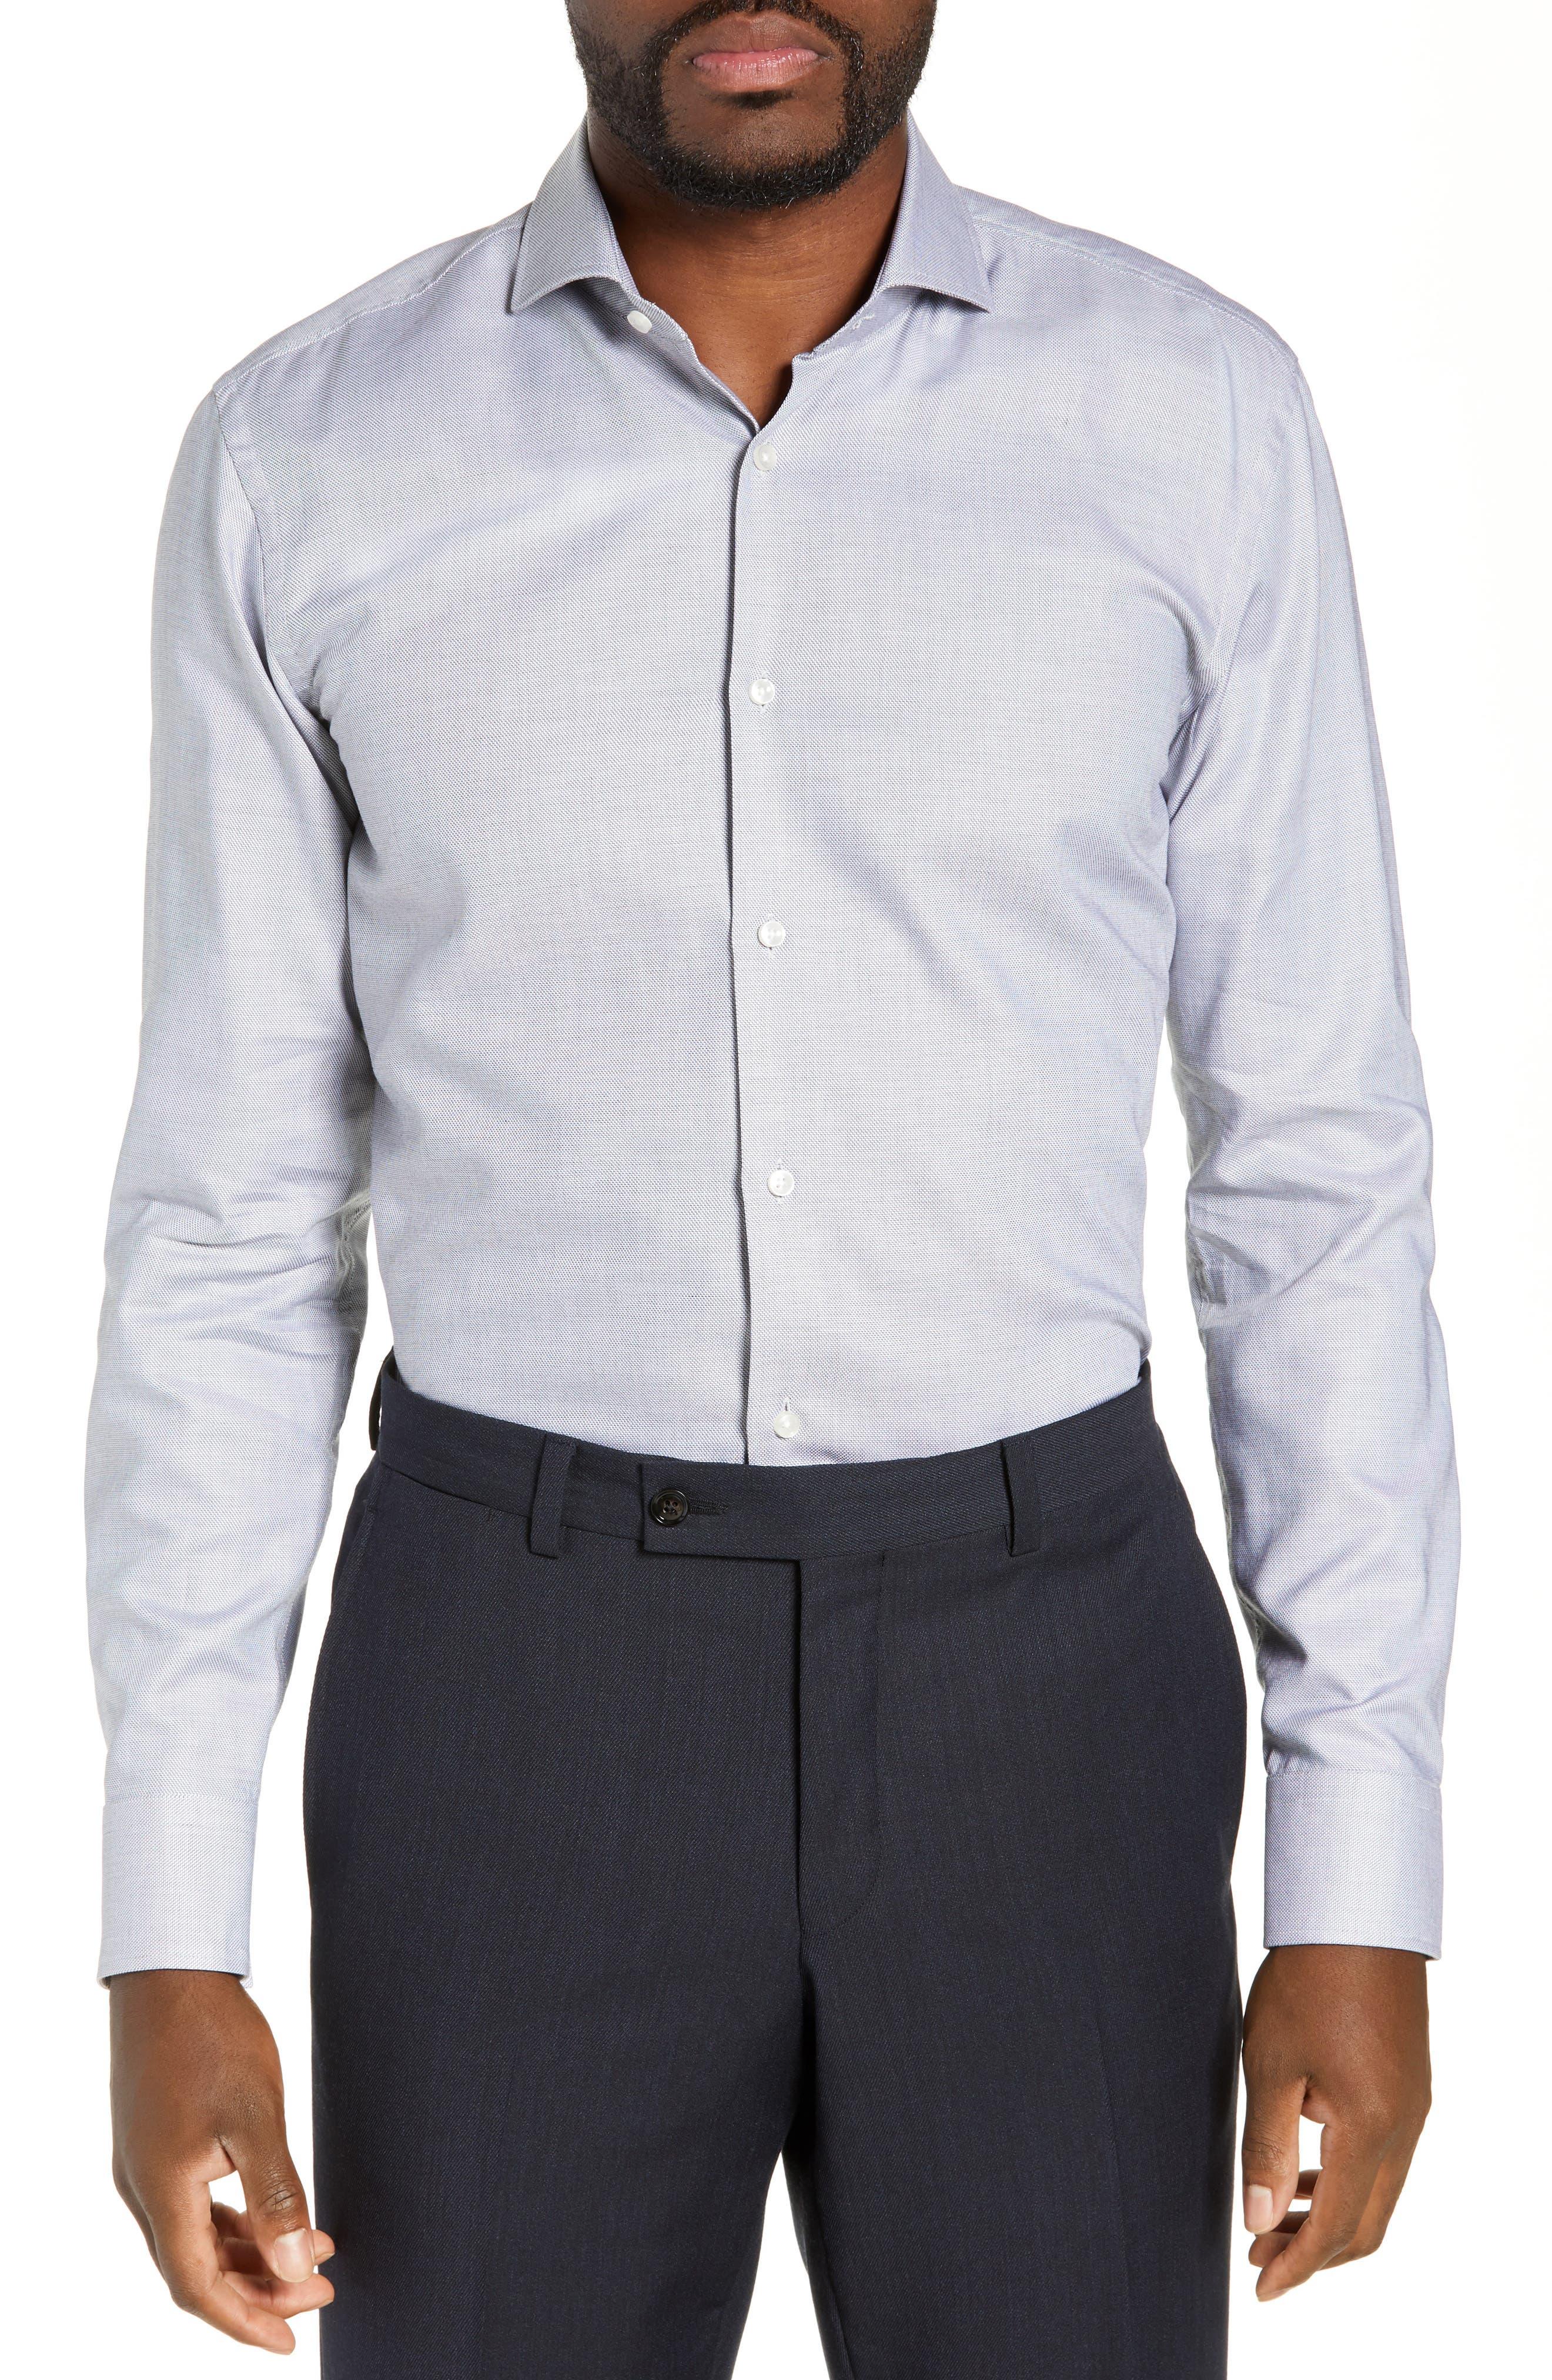 Jason Trim Fit Solid Dress Shirt,                             Main thumbnail 1, color,                             BLACK